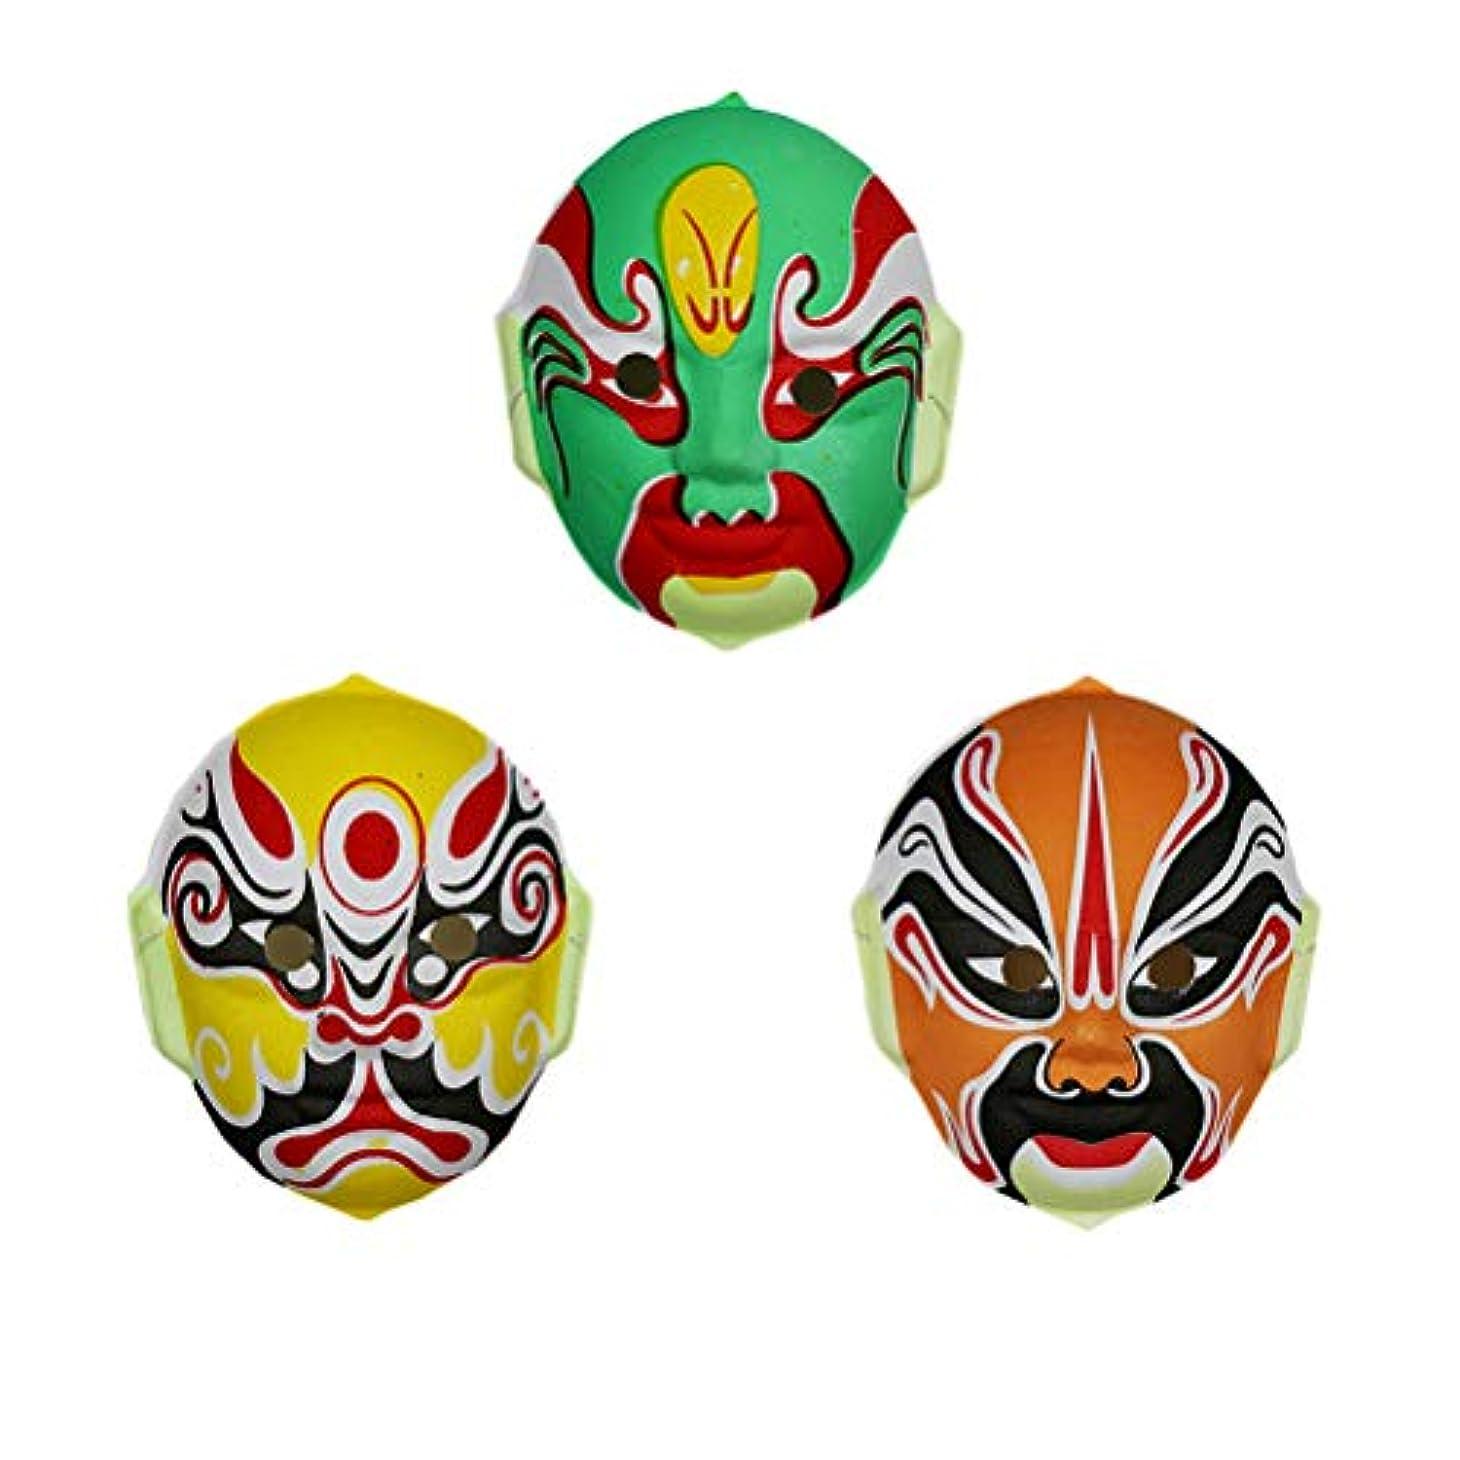 閃光絶対の流行しているTINKSKY 3本 中国 オペラマスク 伝統オペラマスク ハロウィーン コスプレ小道具 パーティー用品 (ランダムスタイル)